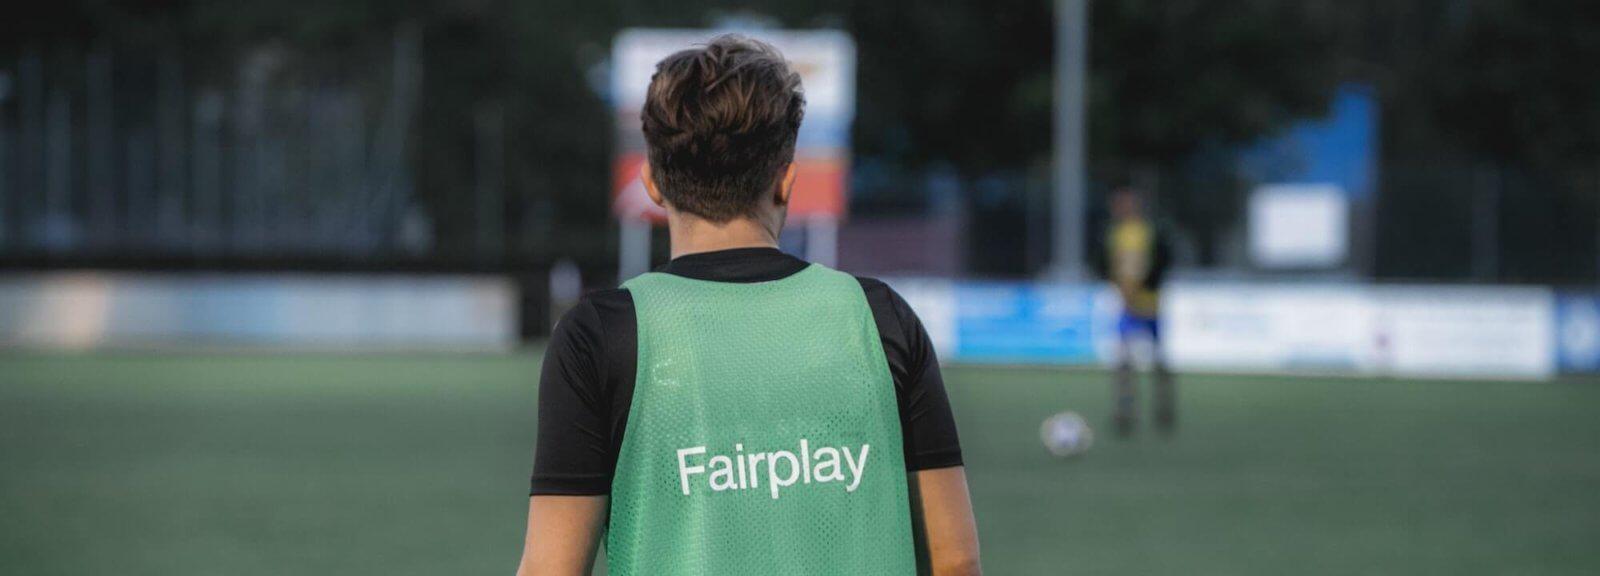 Roundnet als fairplay sport